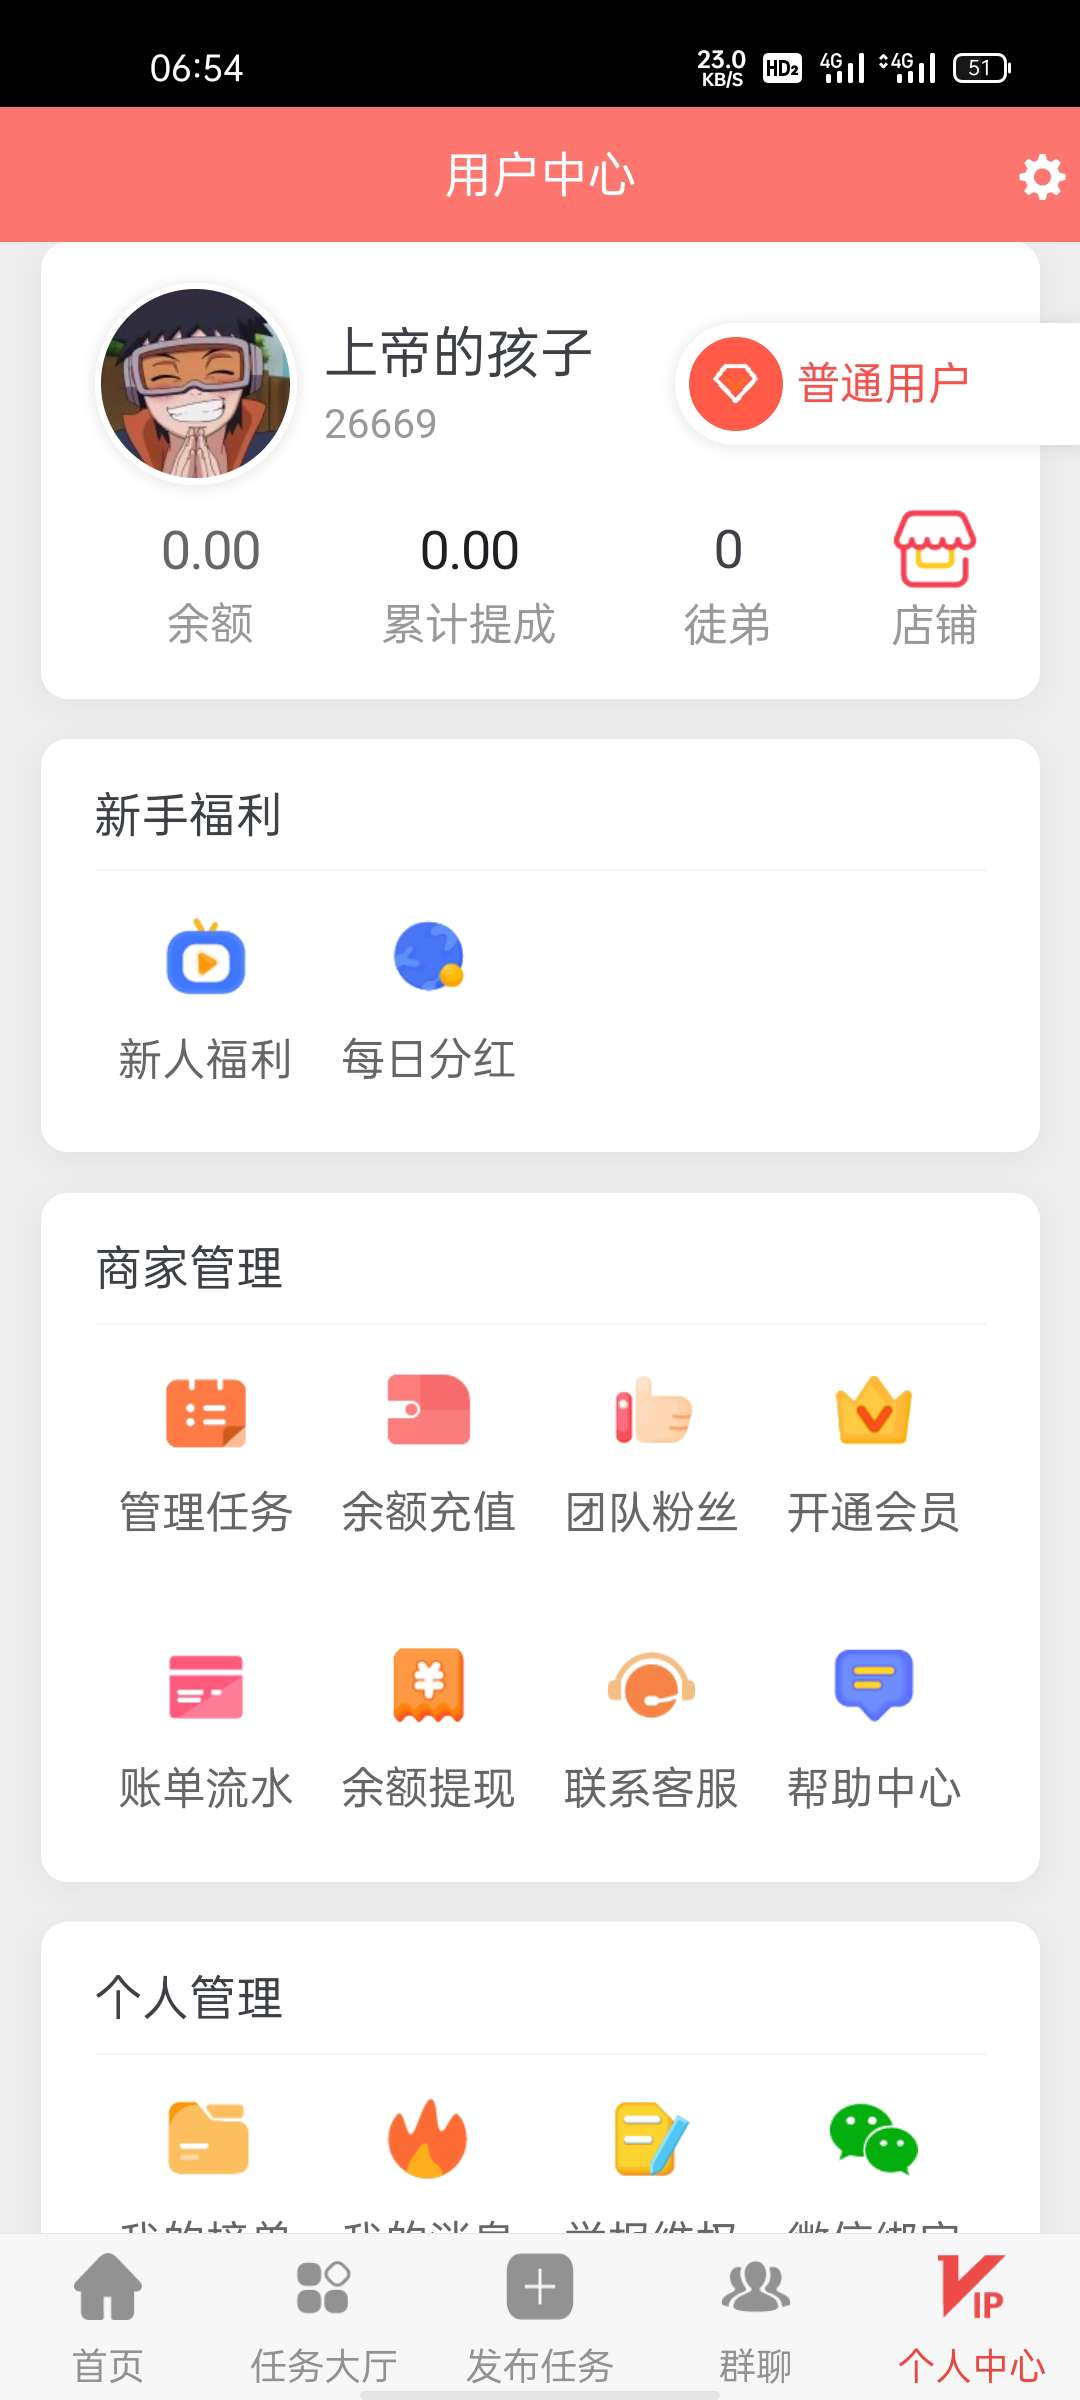 【亲测】2021功能最全面悬赏任务平台